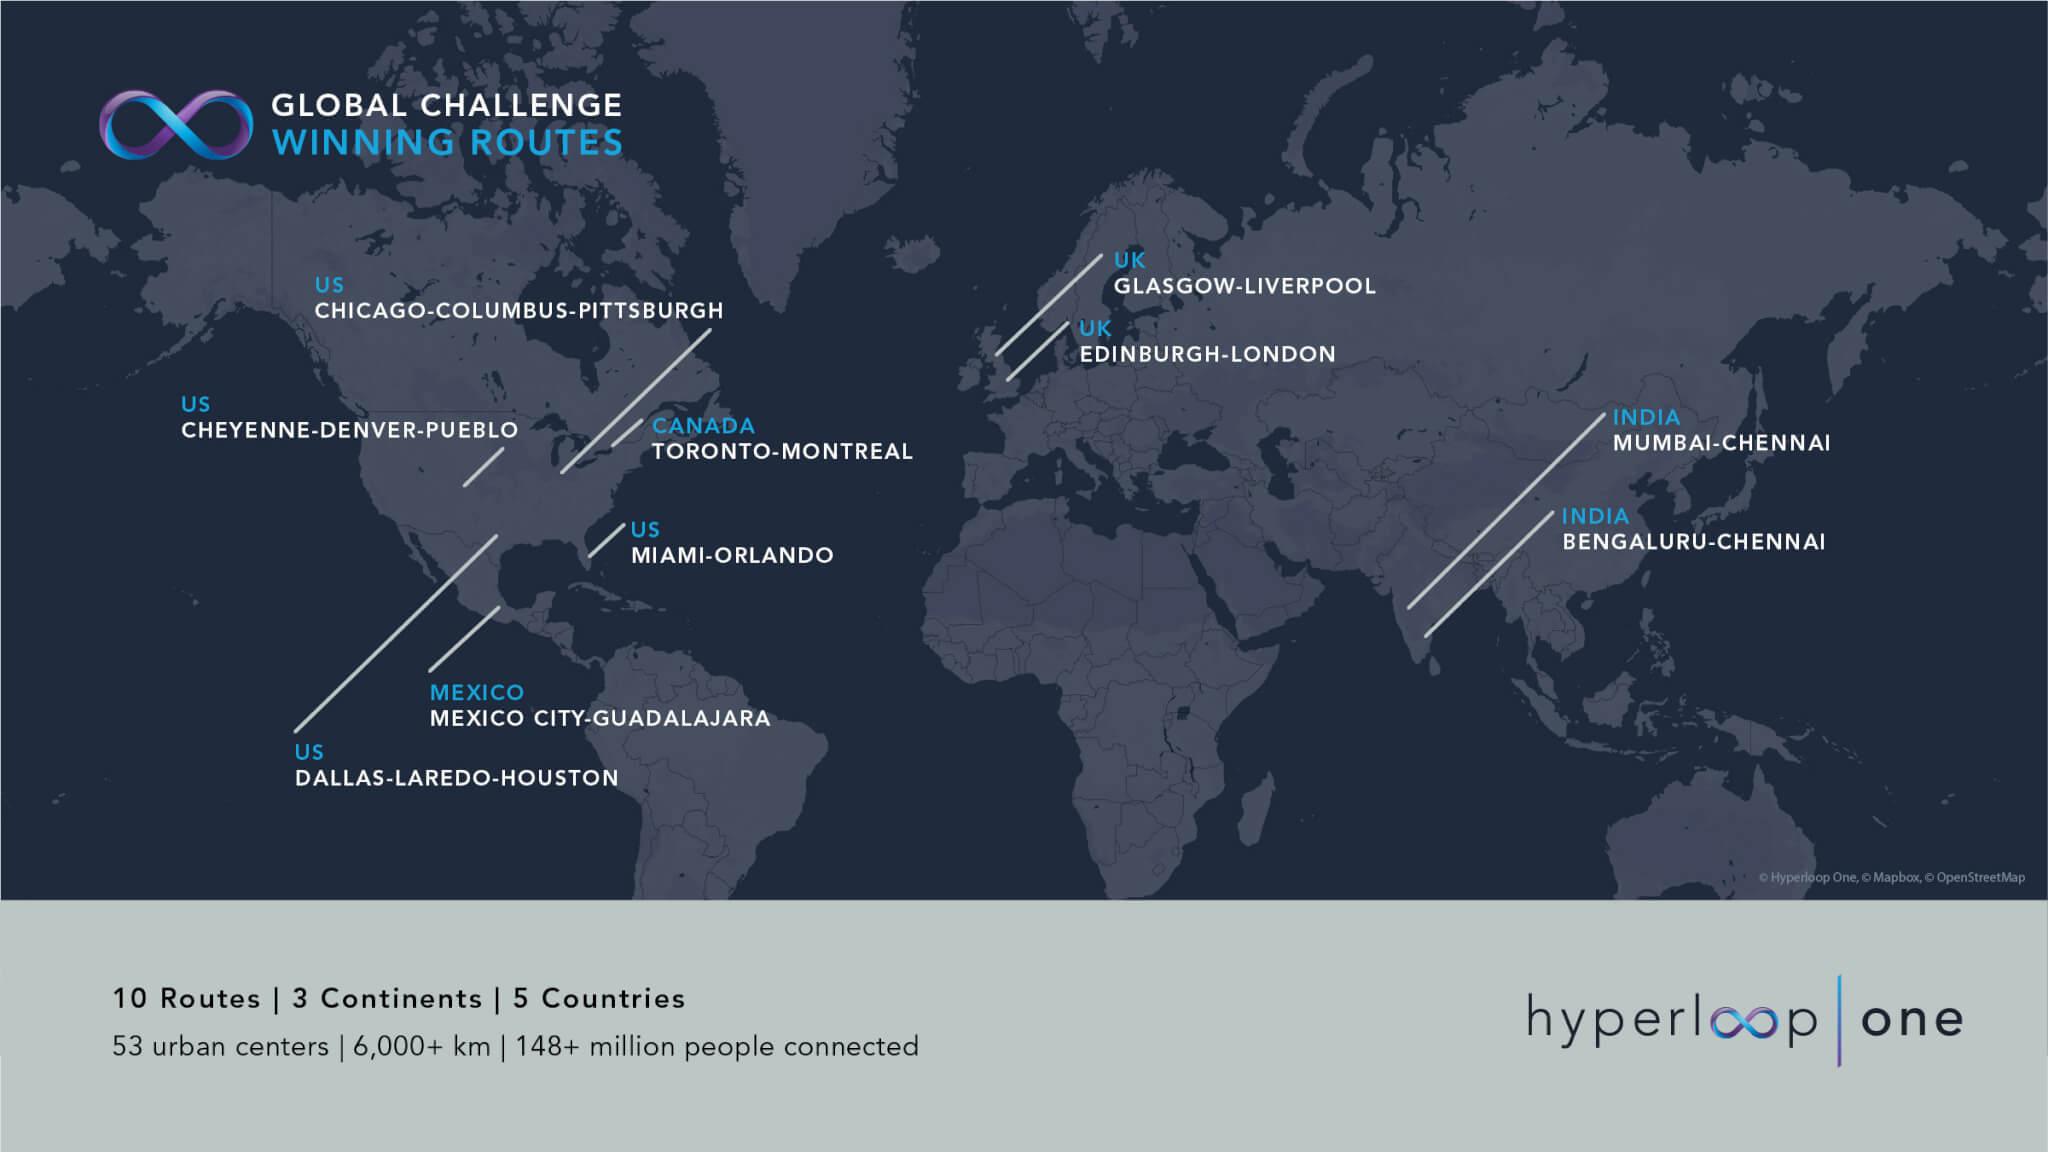 hyperloop one info